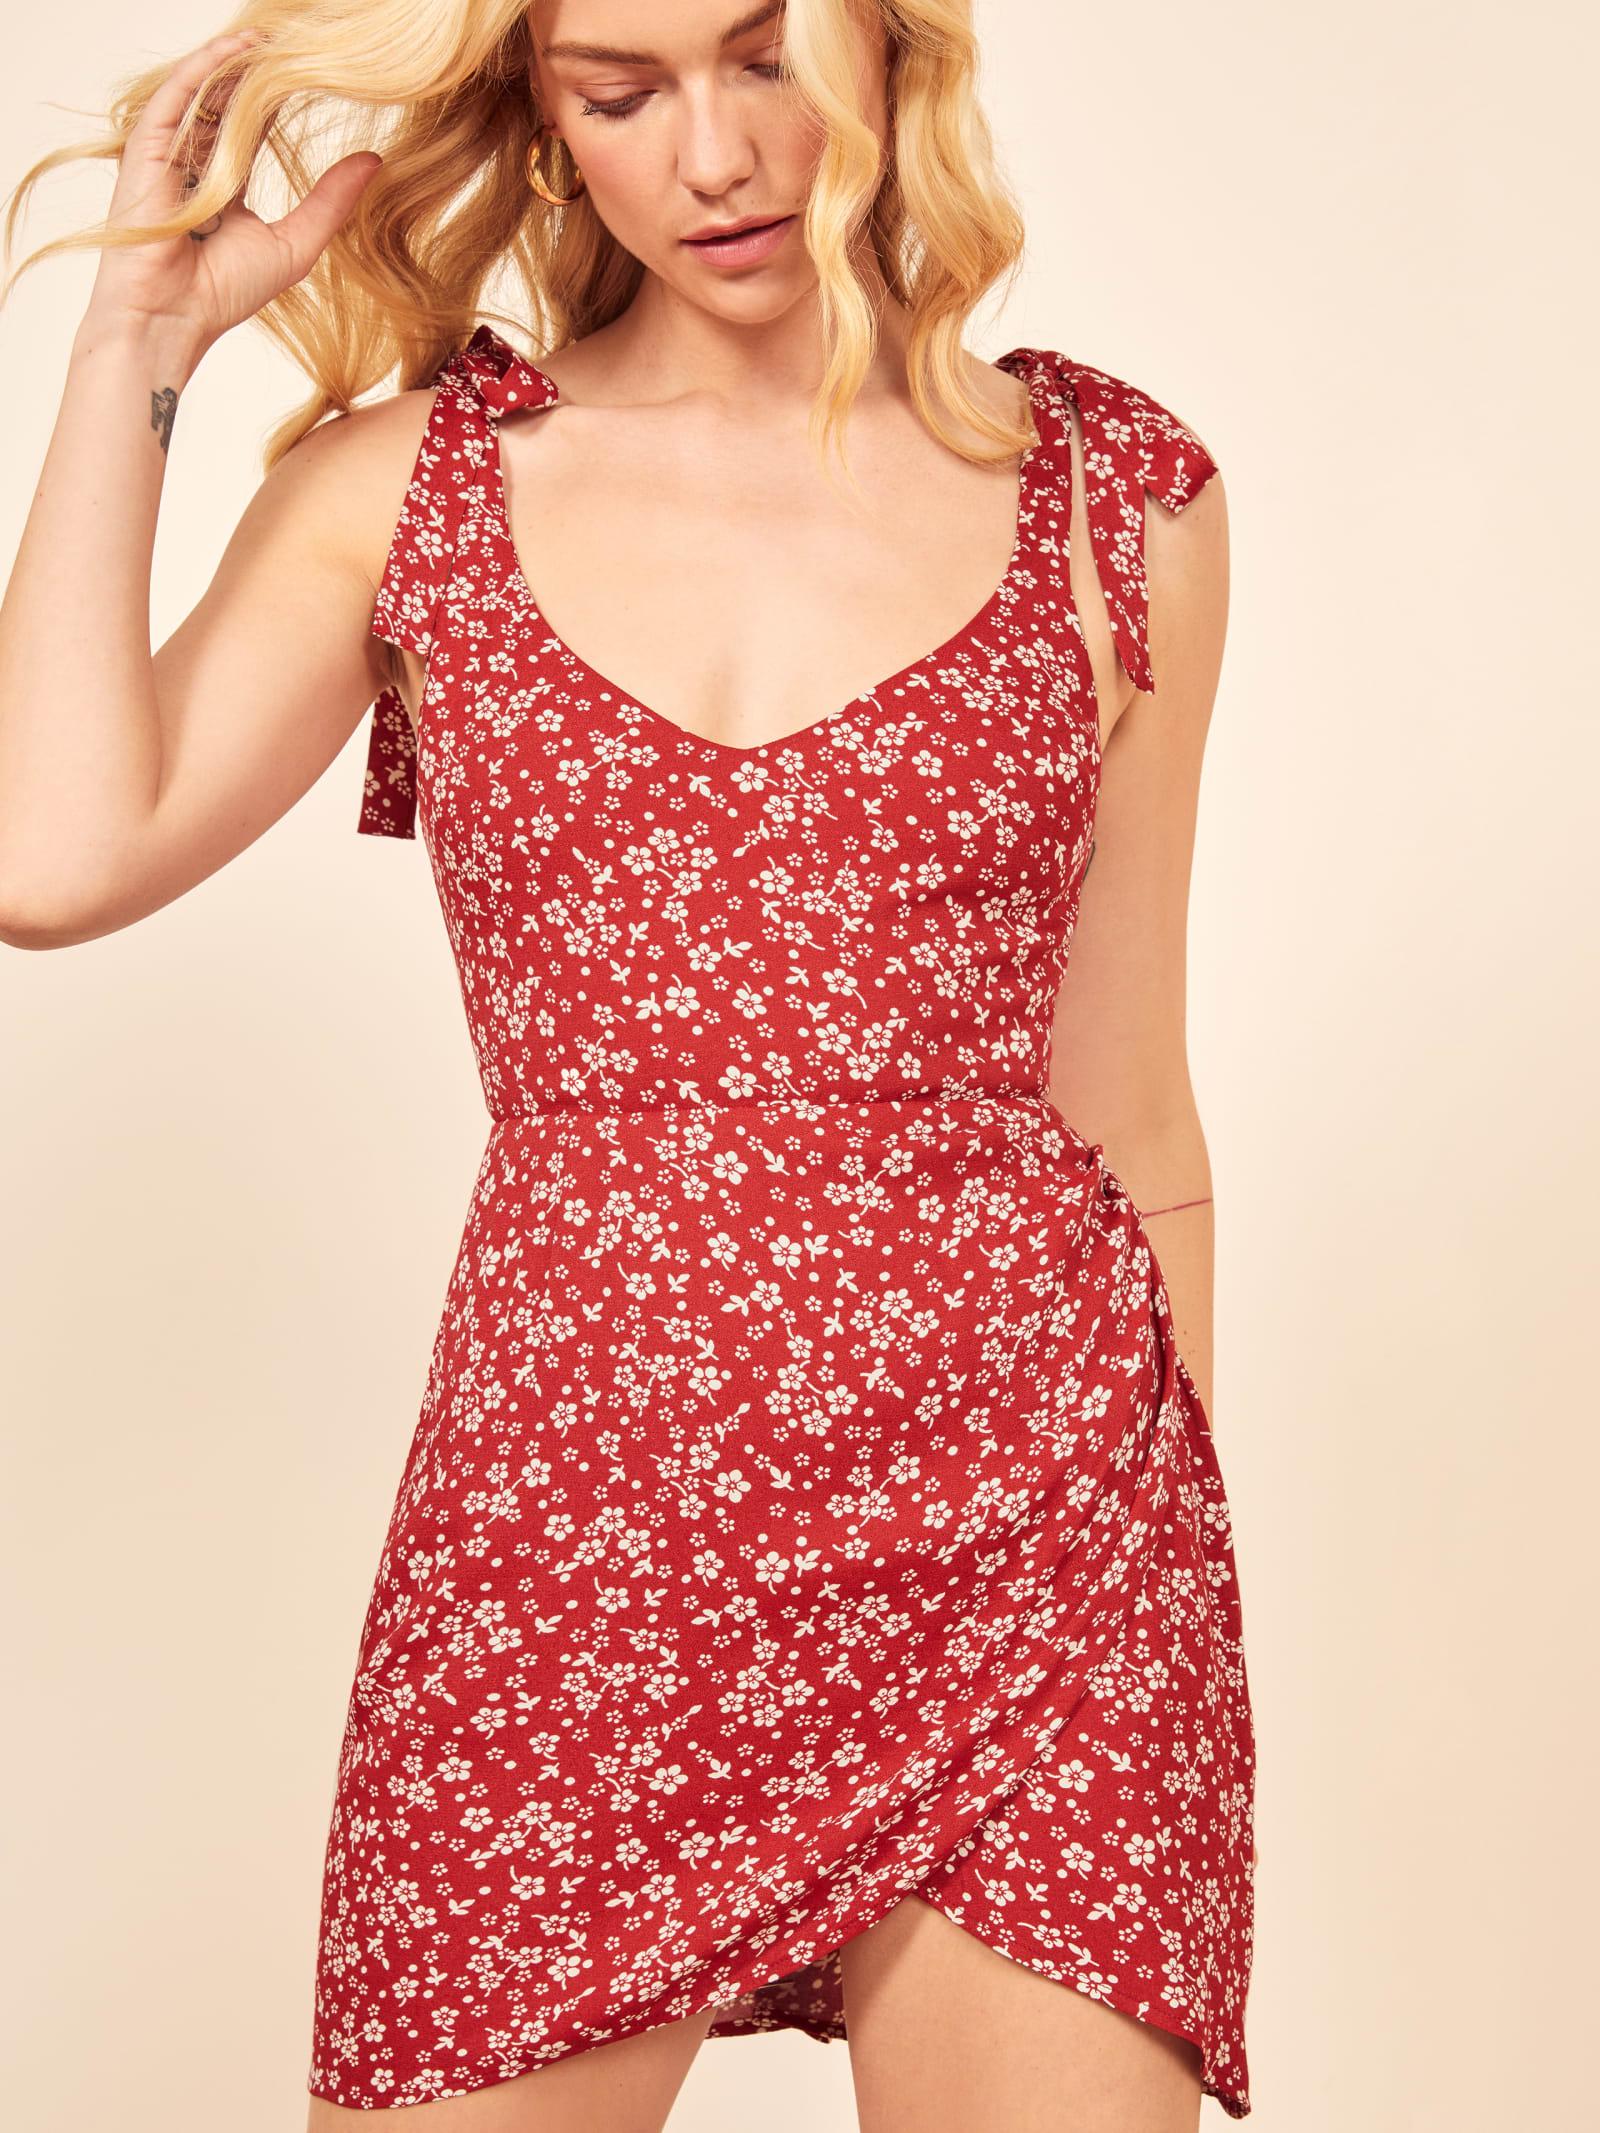 Yves Dress Yves Dress Dresses Belinda Dress